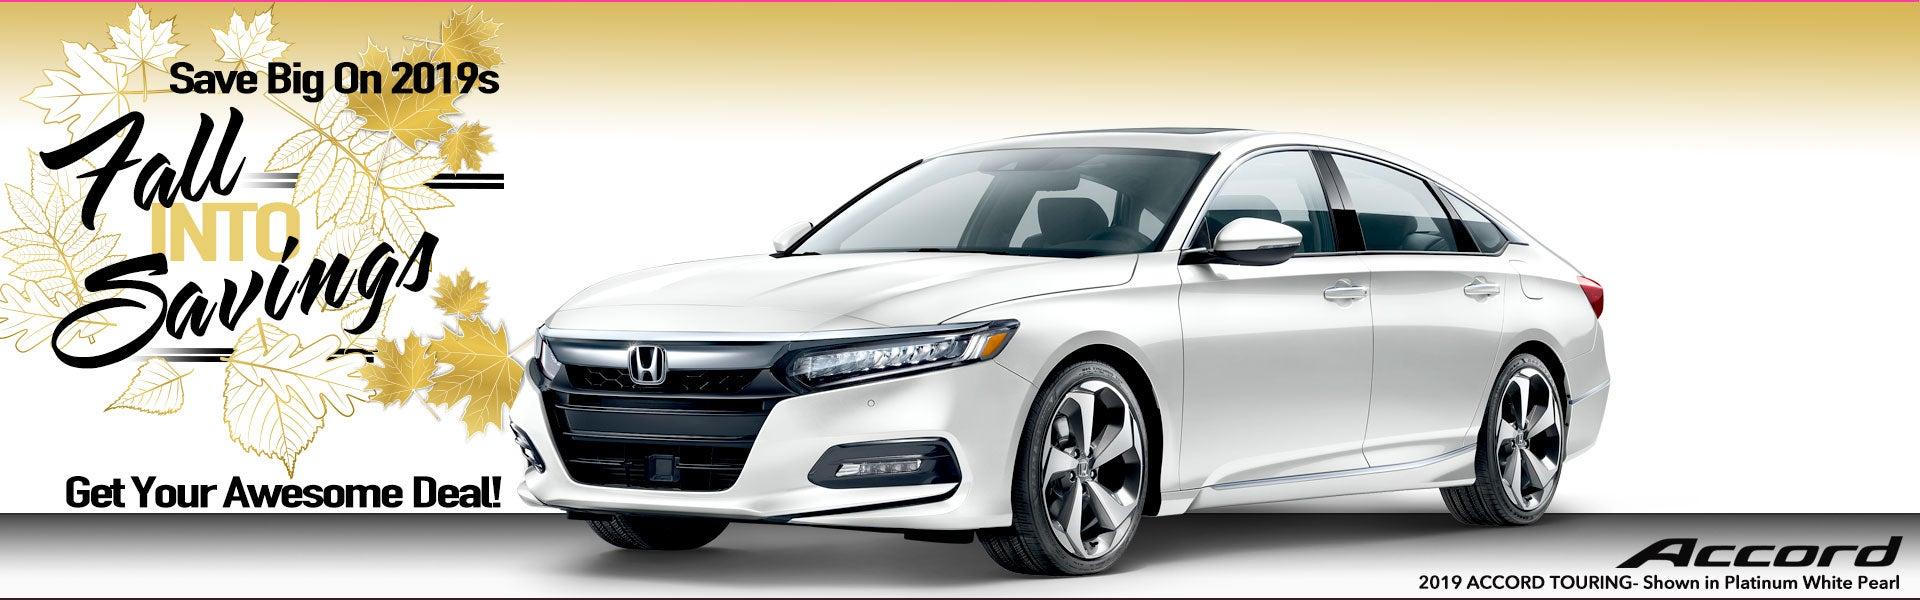 Scott Honda | Honda Dealer West Chester, PA | 1,633 Google